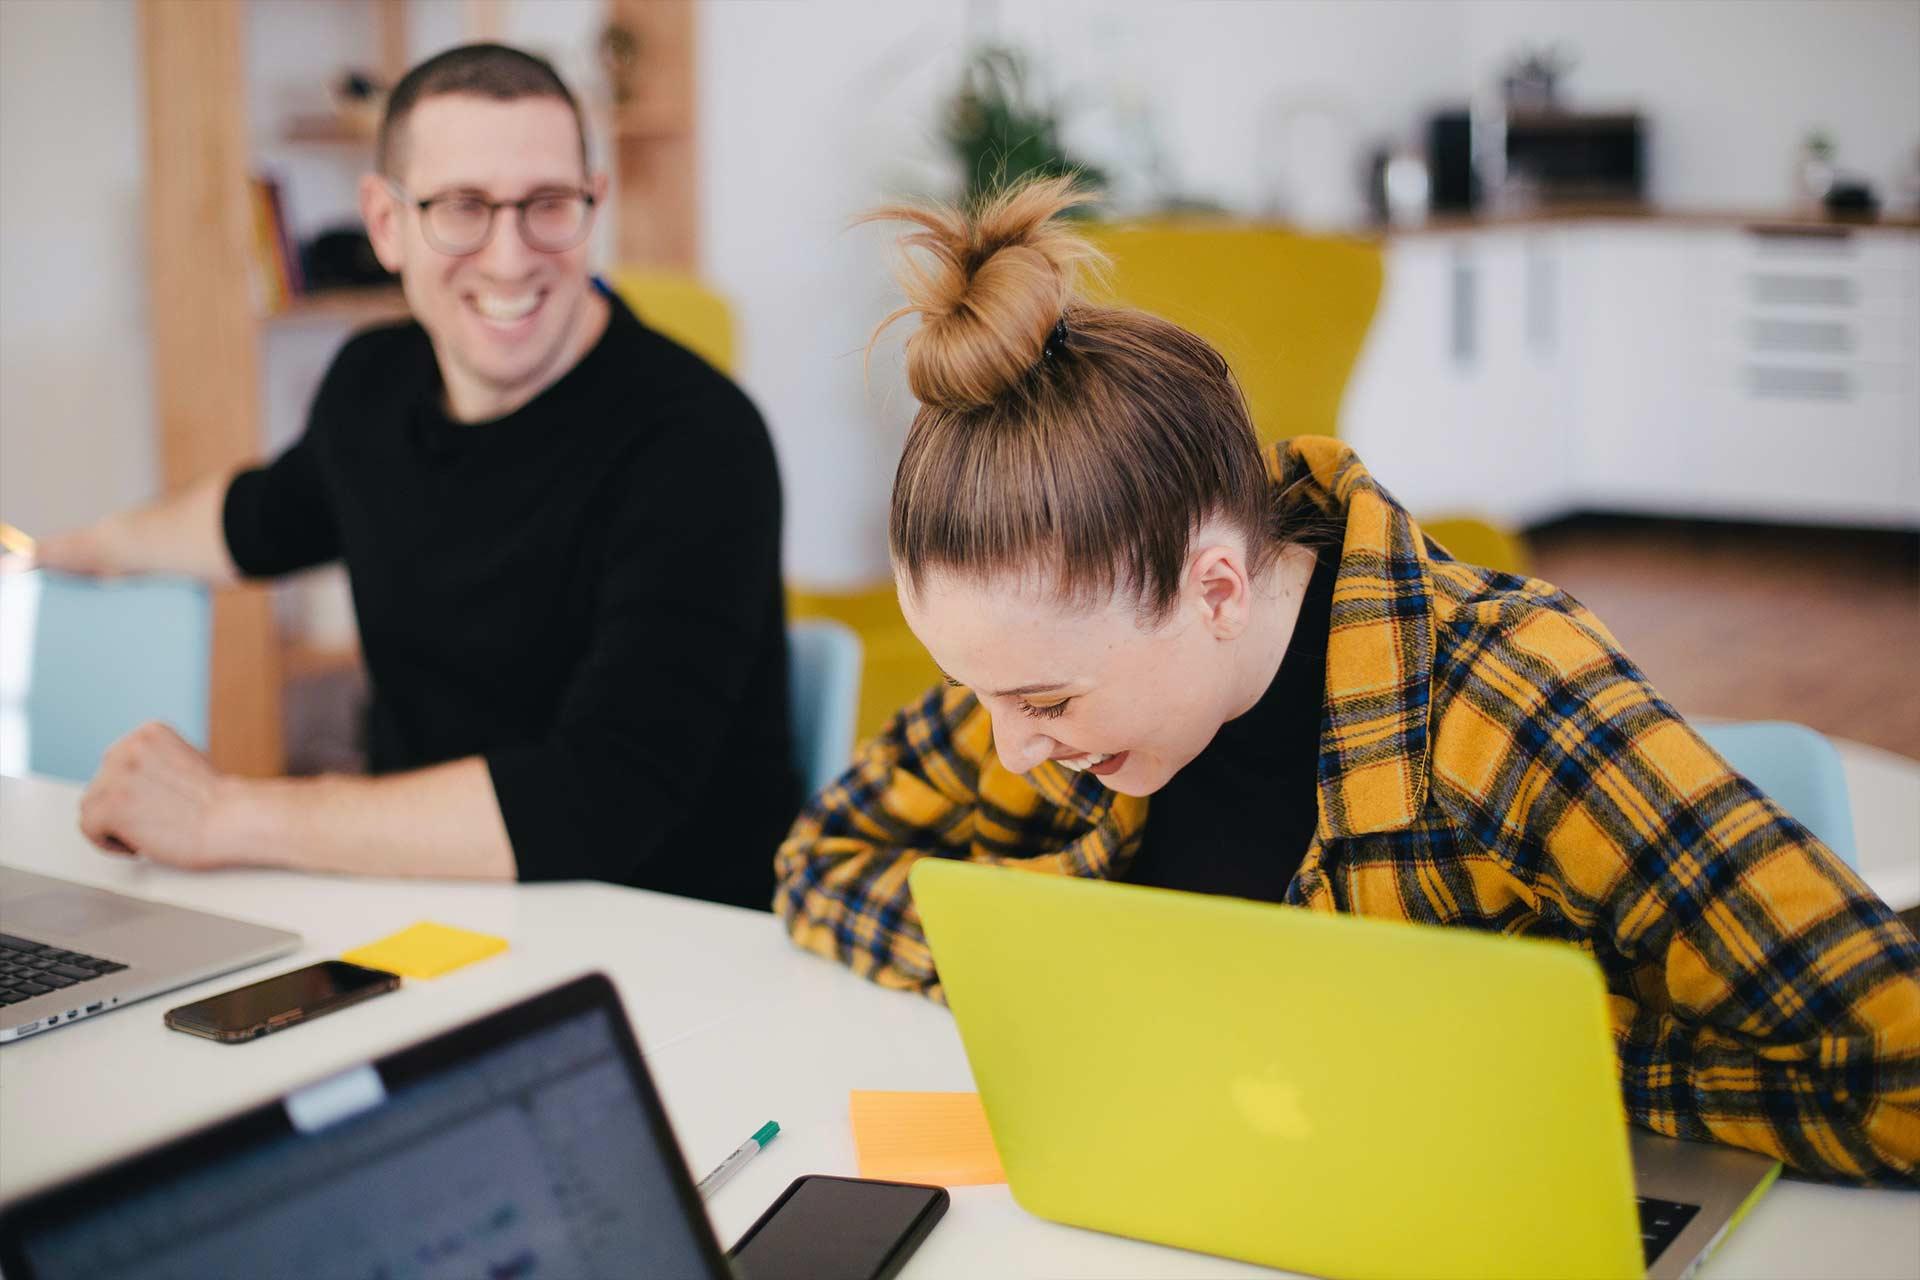 Comment fidéliser ses salariés : les bonnes pratiques managériales